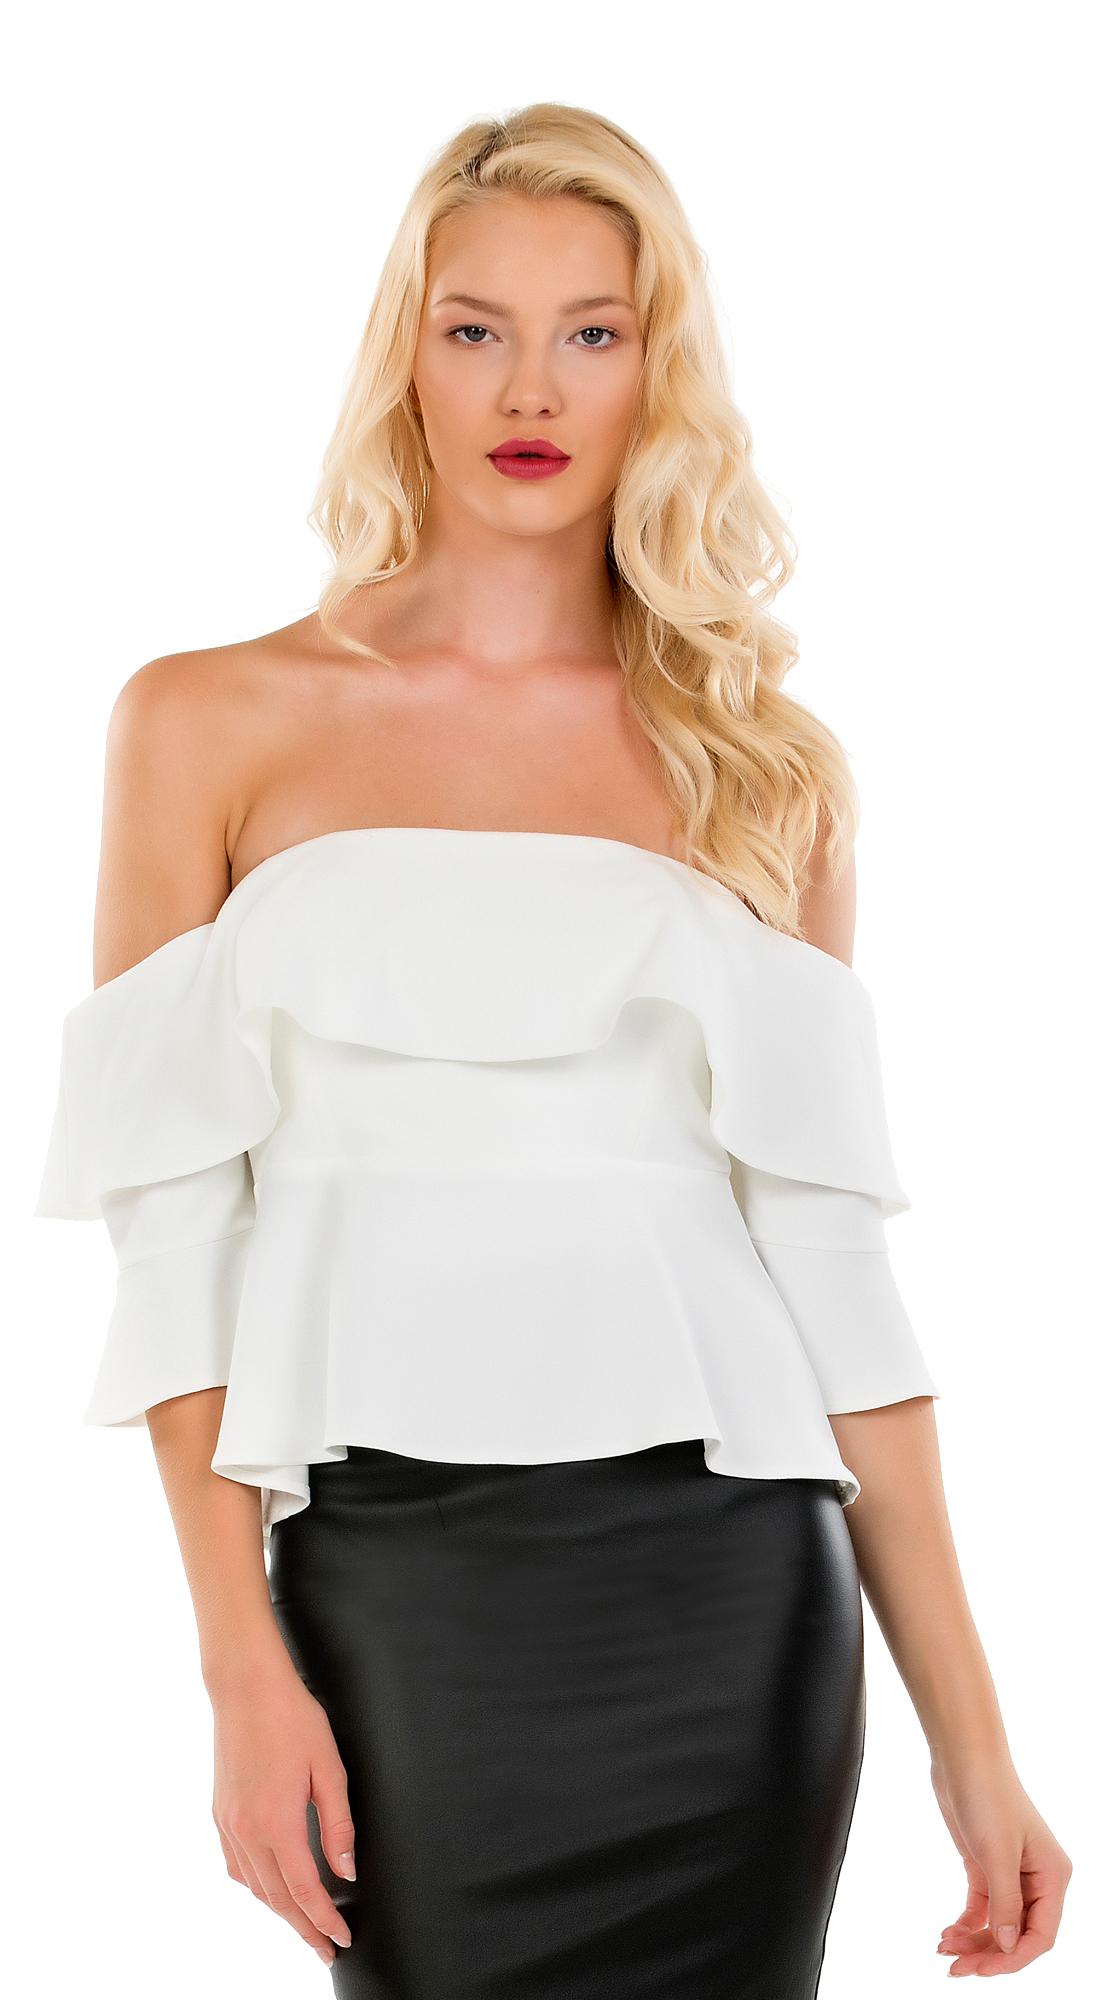 Γυναικεία μπλούζα Online με βολάν στο μπούστο - OEM - FA17ON-14027 top trends cut outs